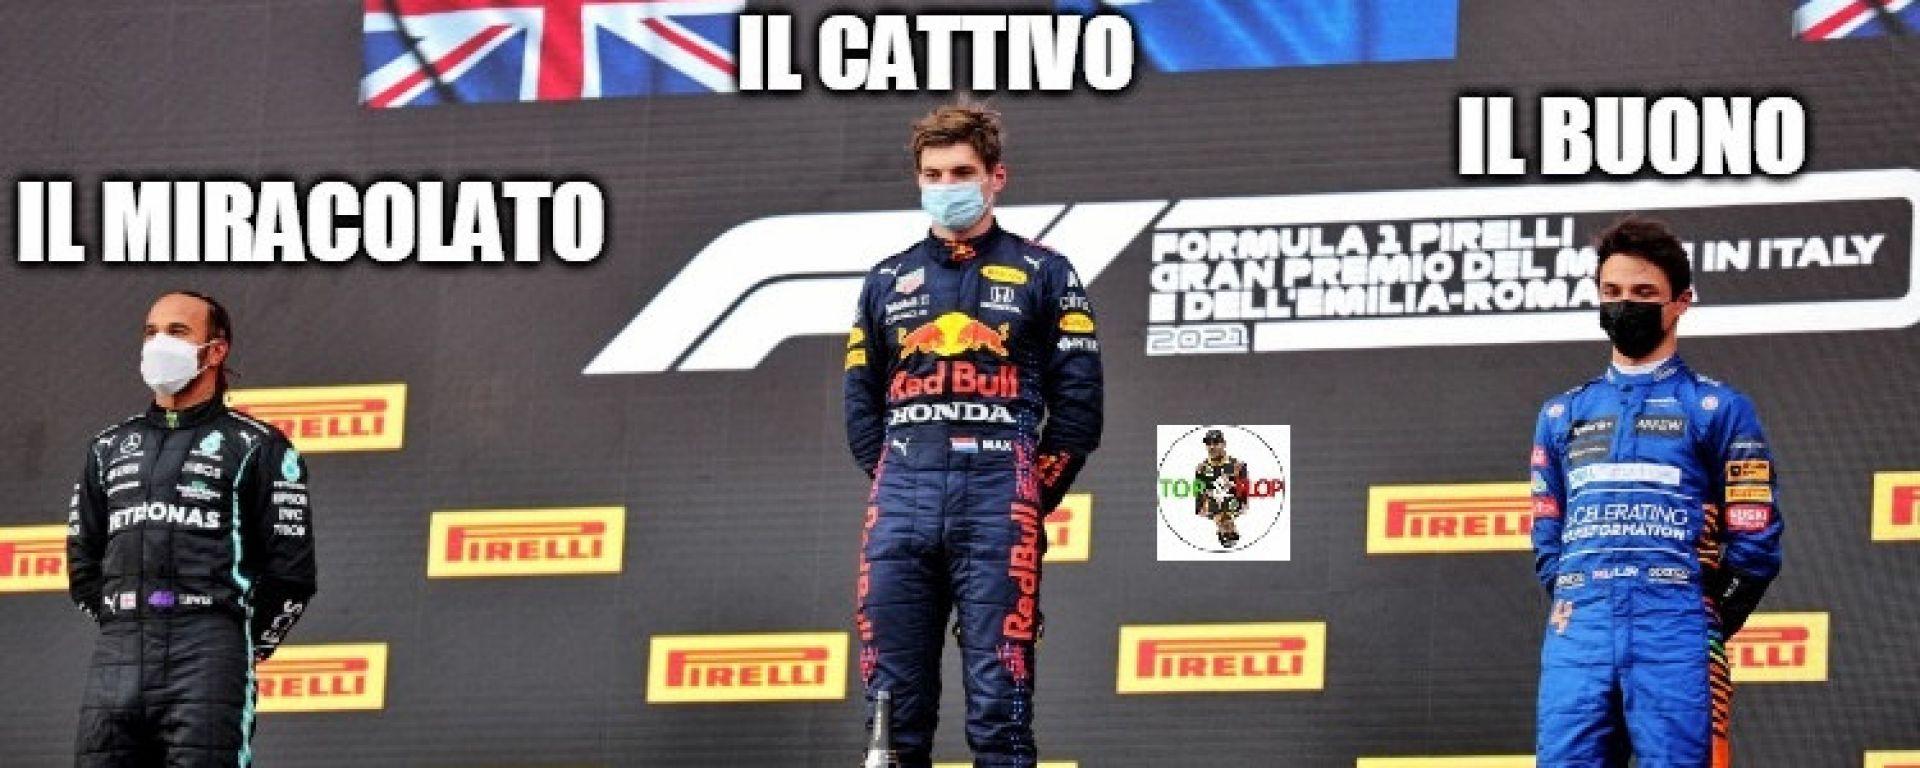 F1, GP Emilia Romagna 2021: il podio da film western